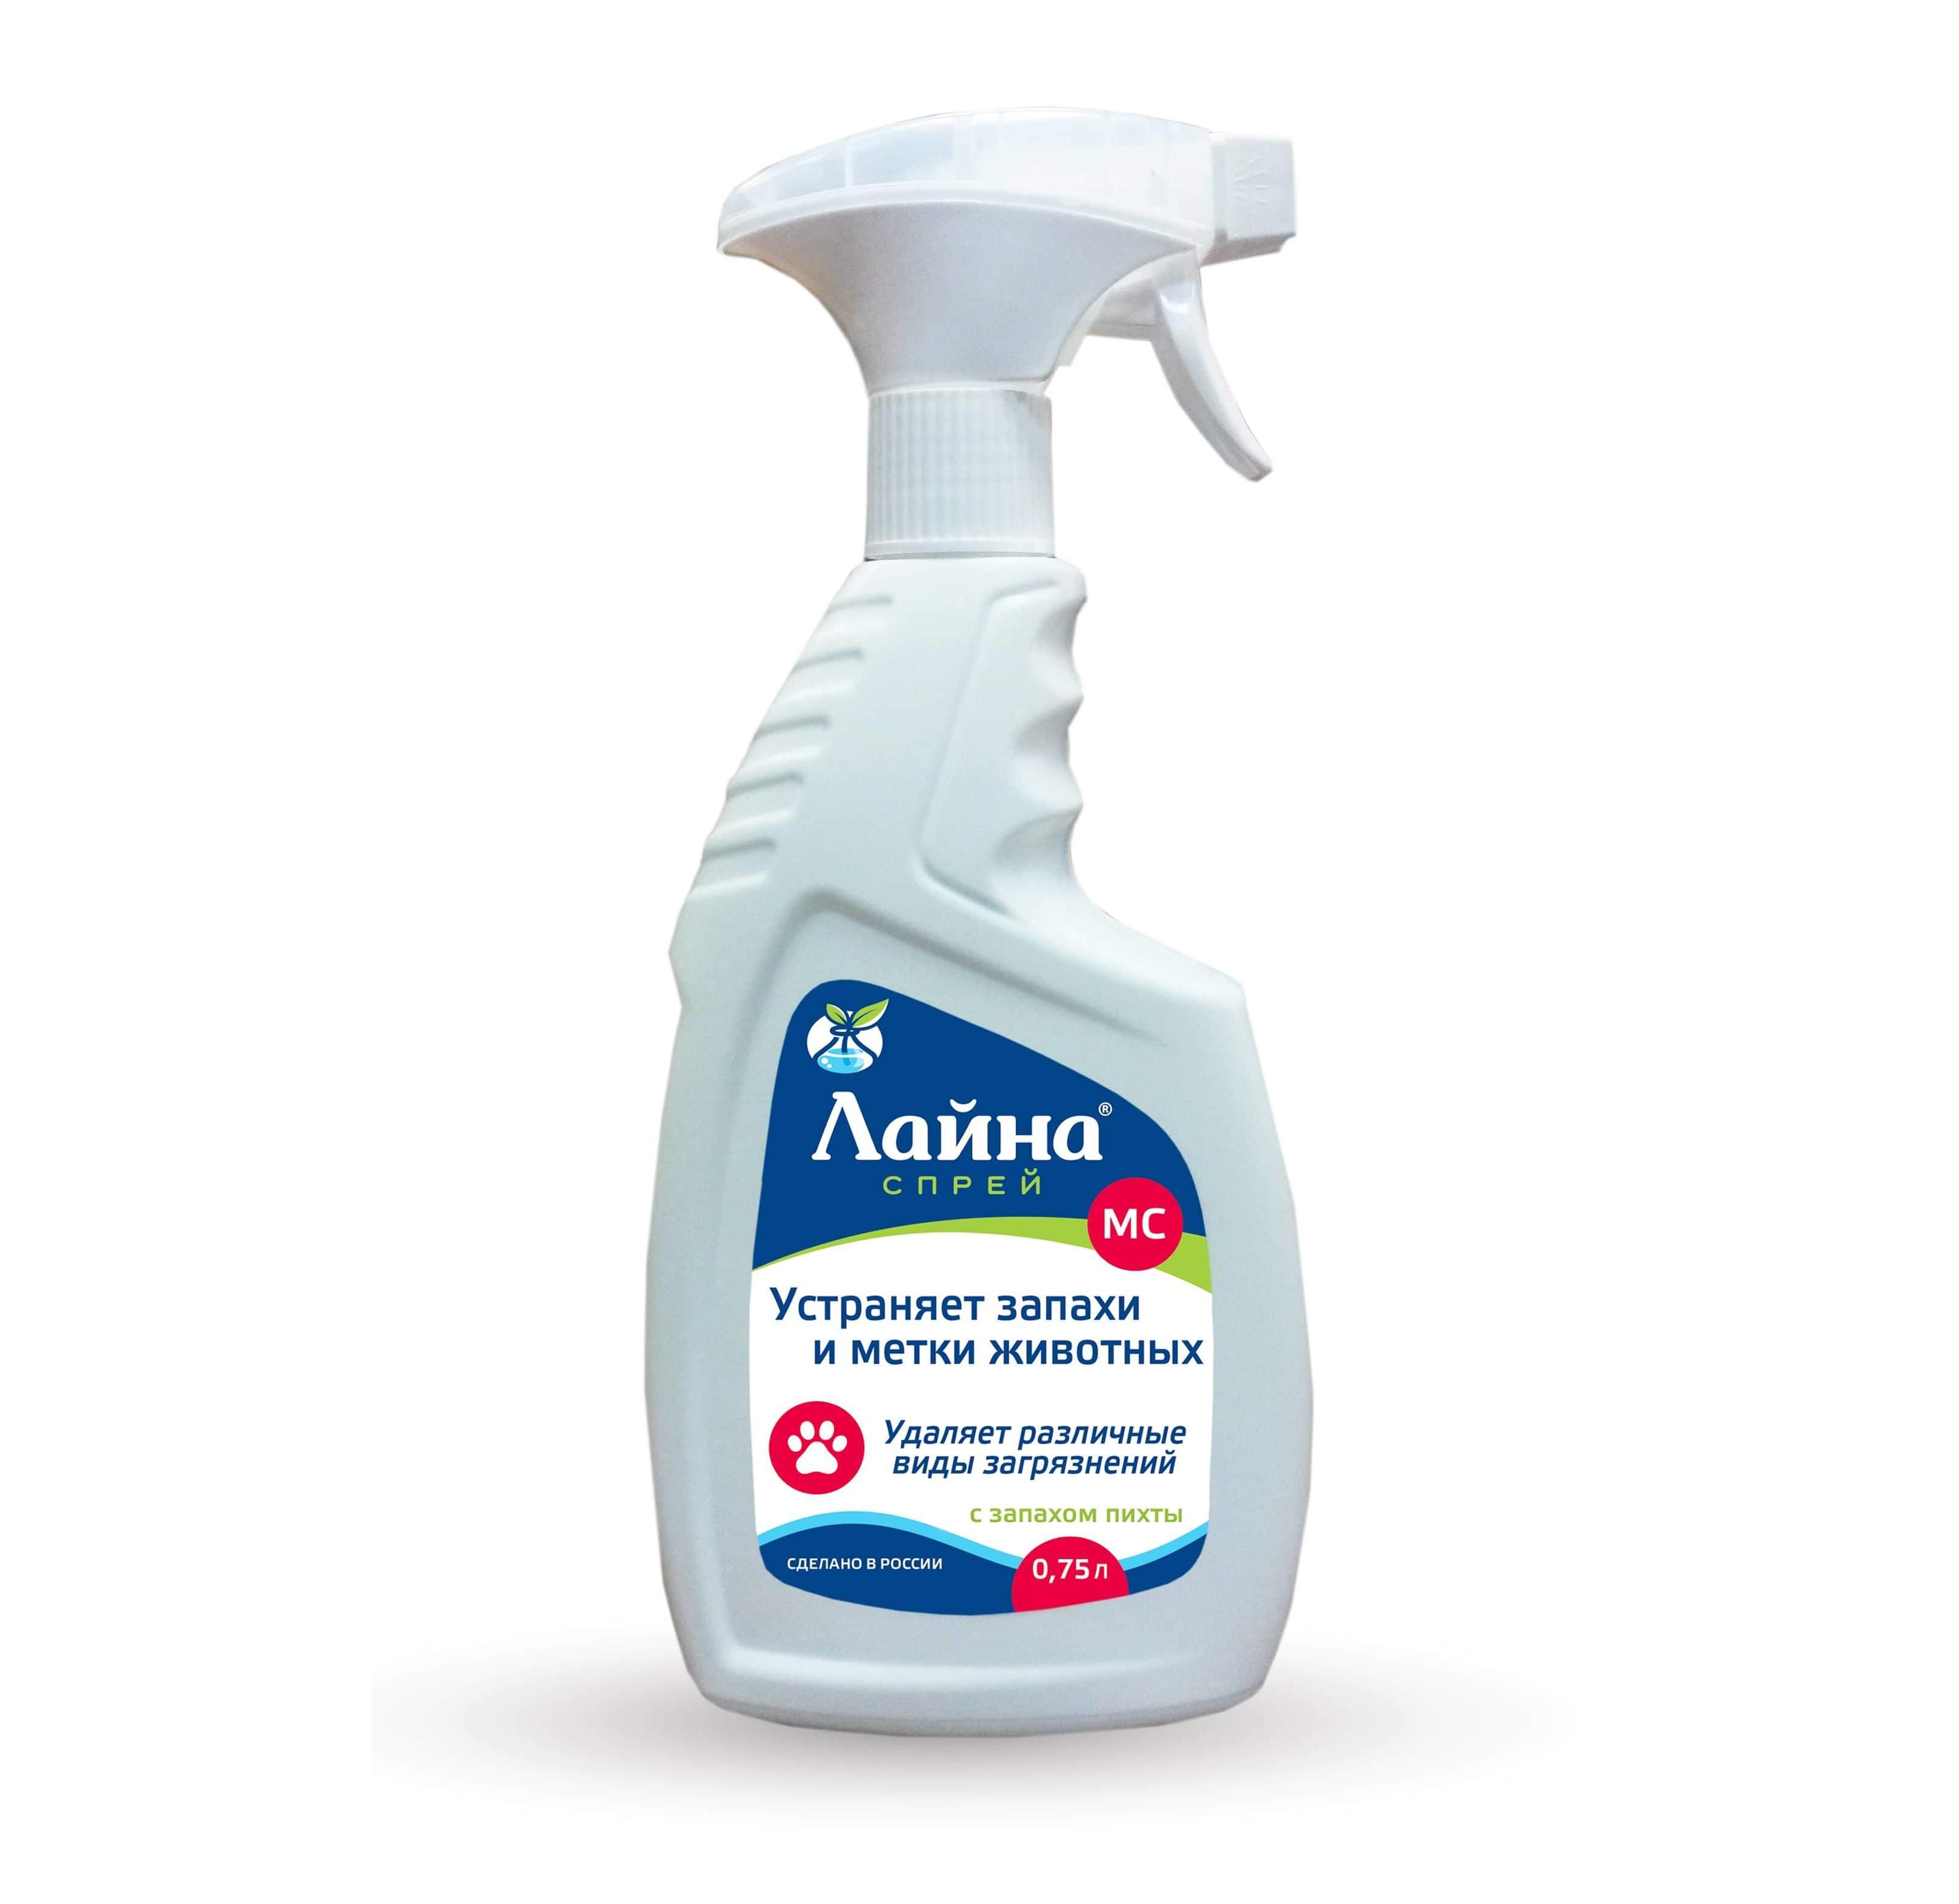 Спрей для устранения запахов и меток домашних животных Лайна МС, с запахом пихты, 750мл фото